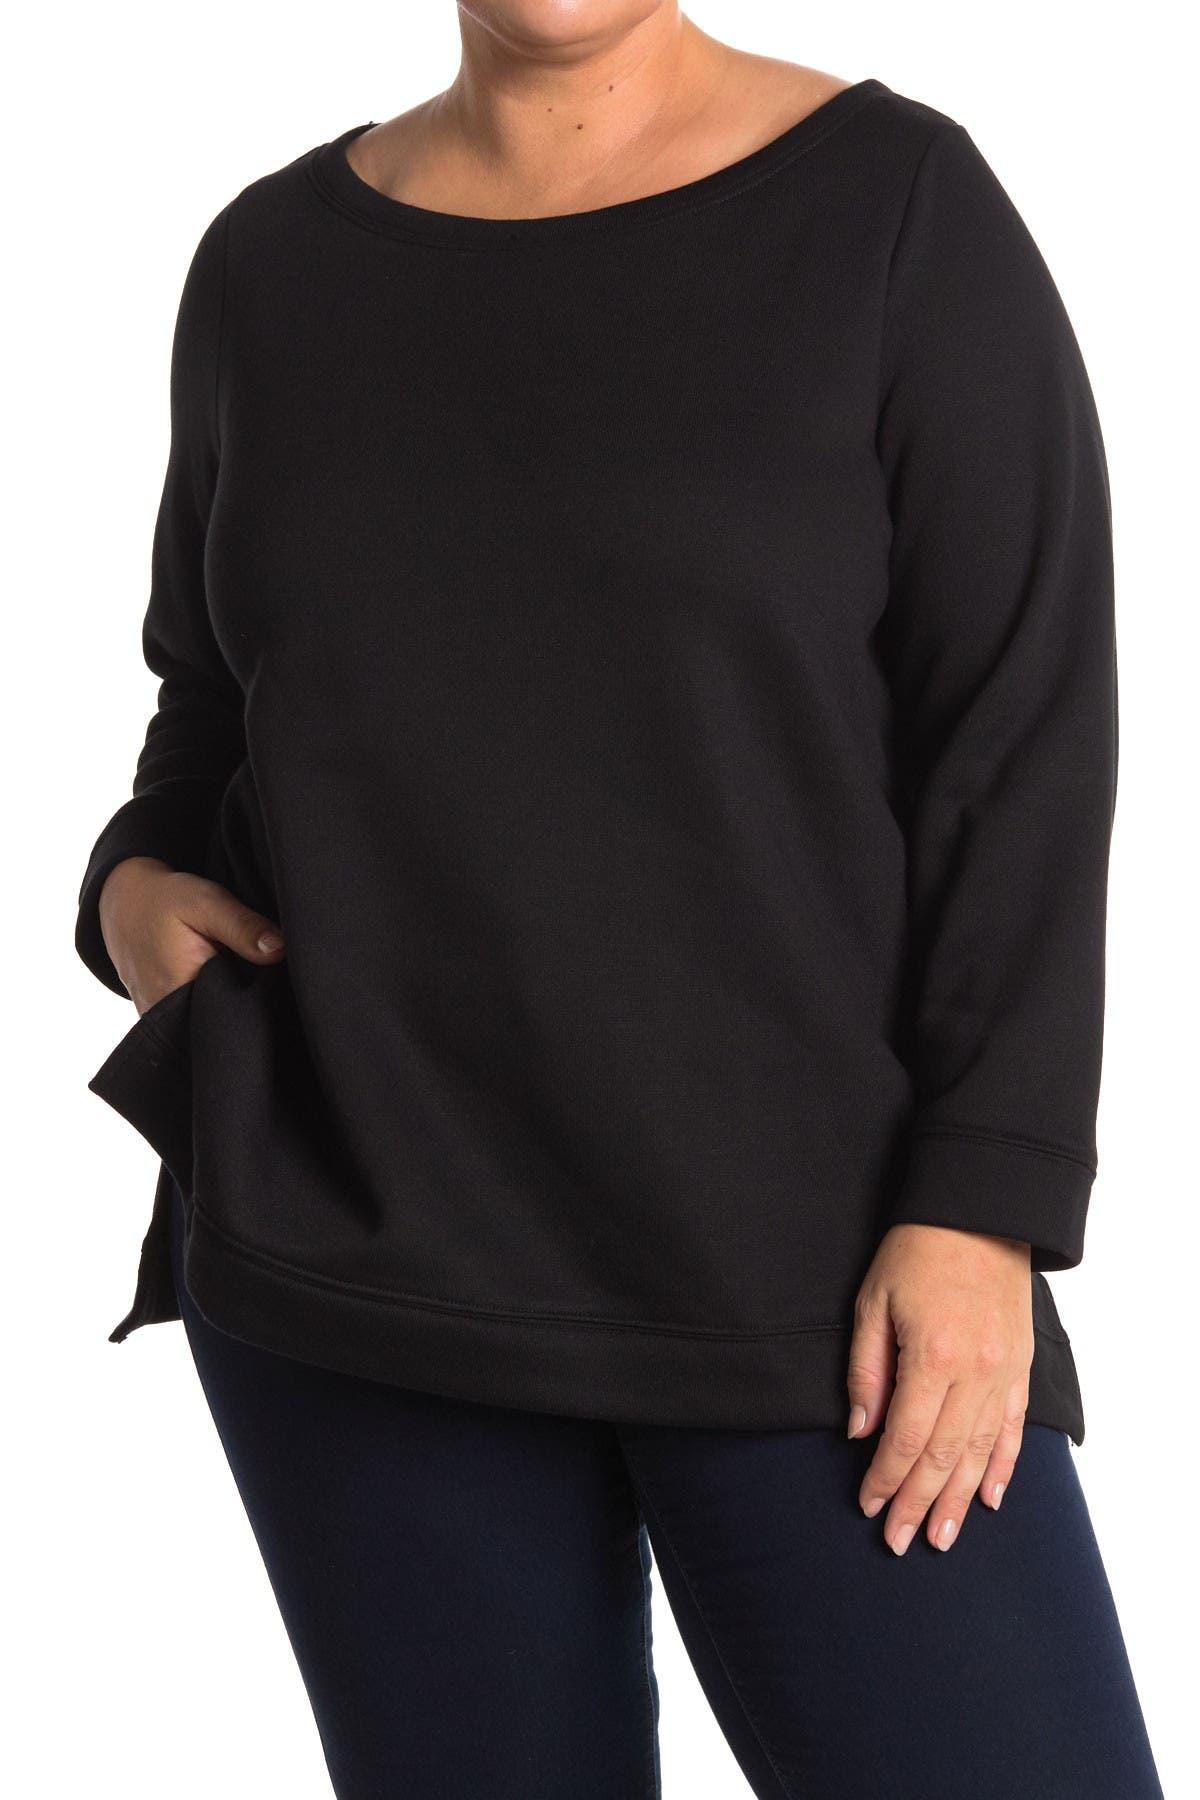 Image of Rachel Roy Shiva Boatneck Sweatshirt